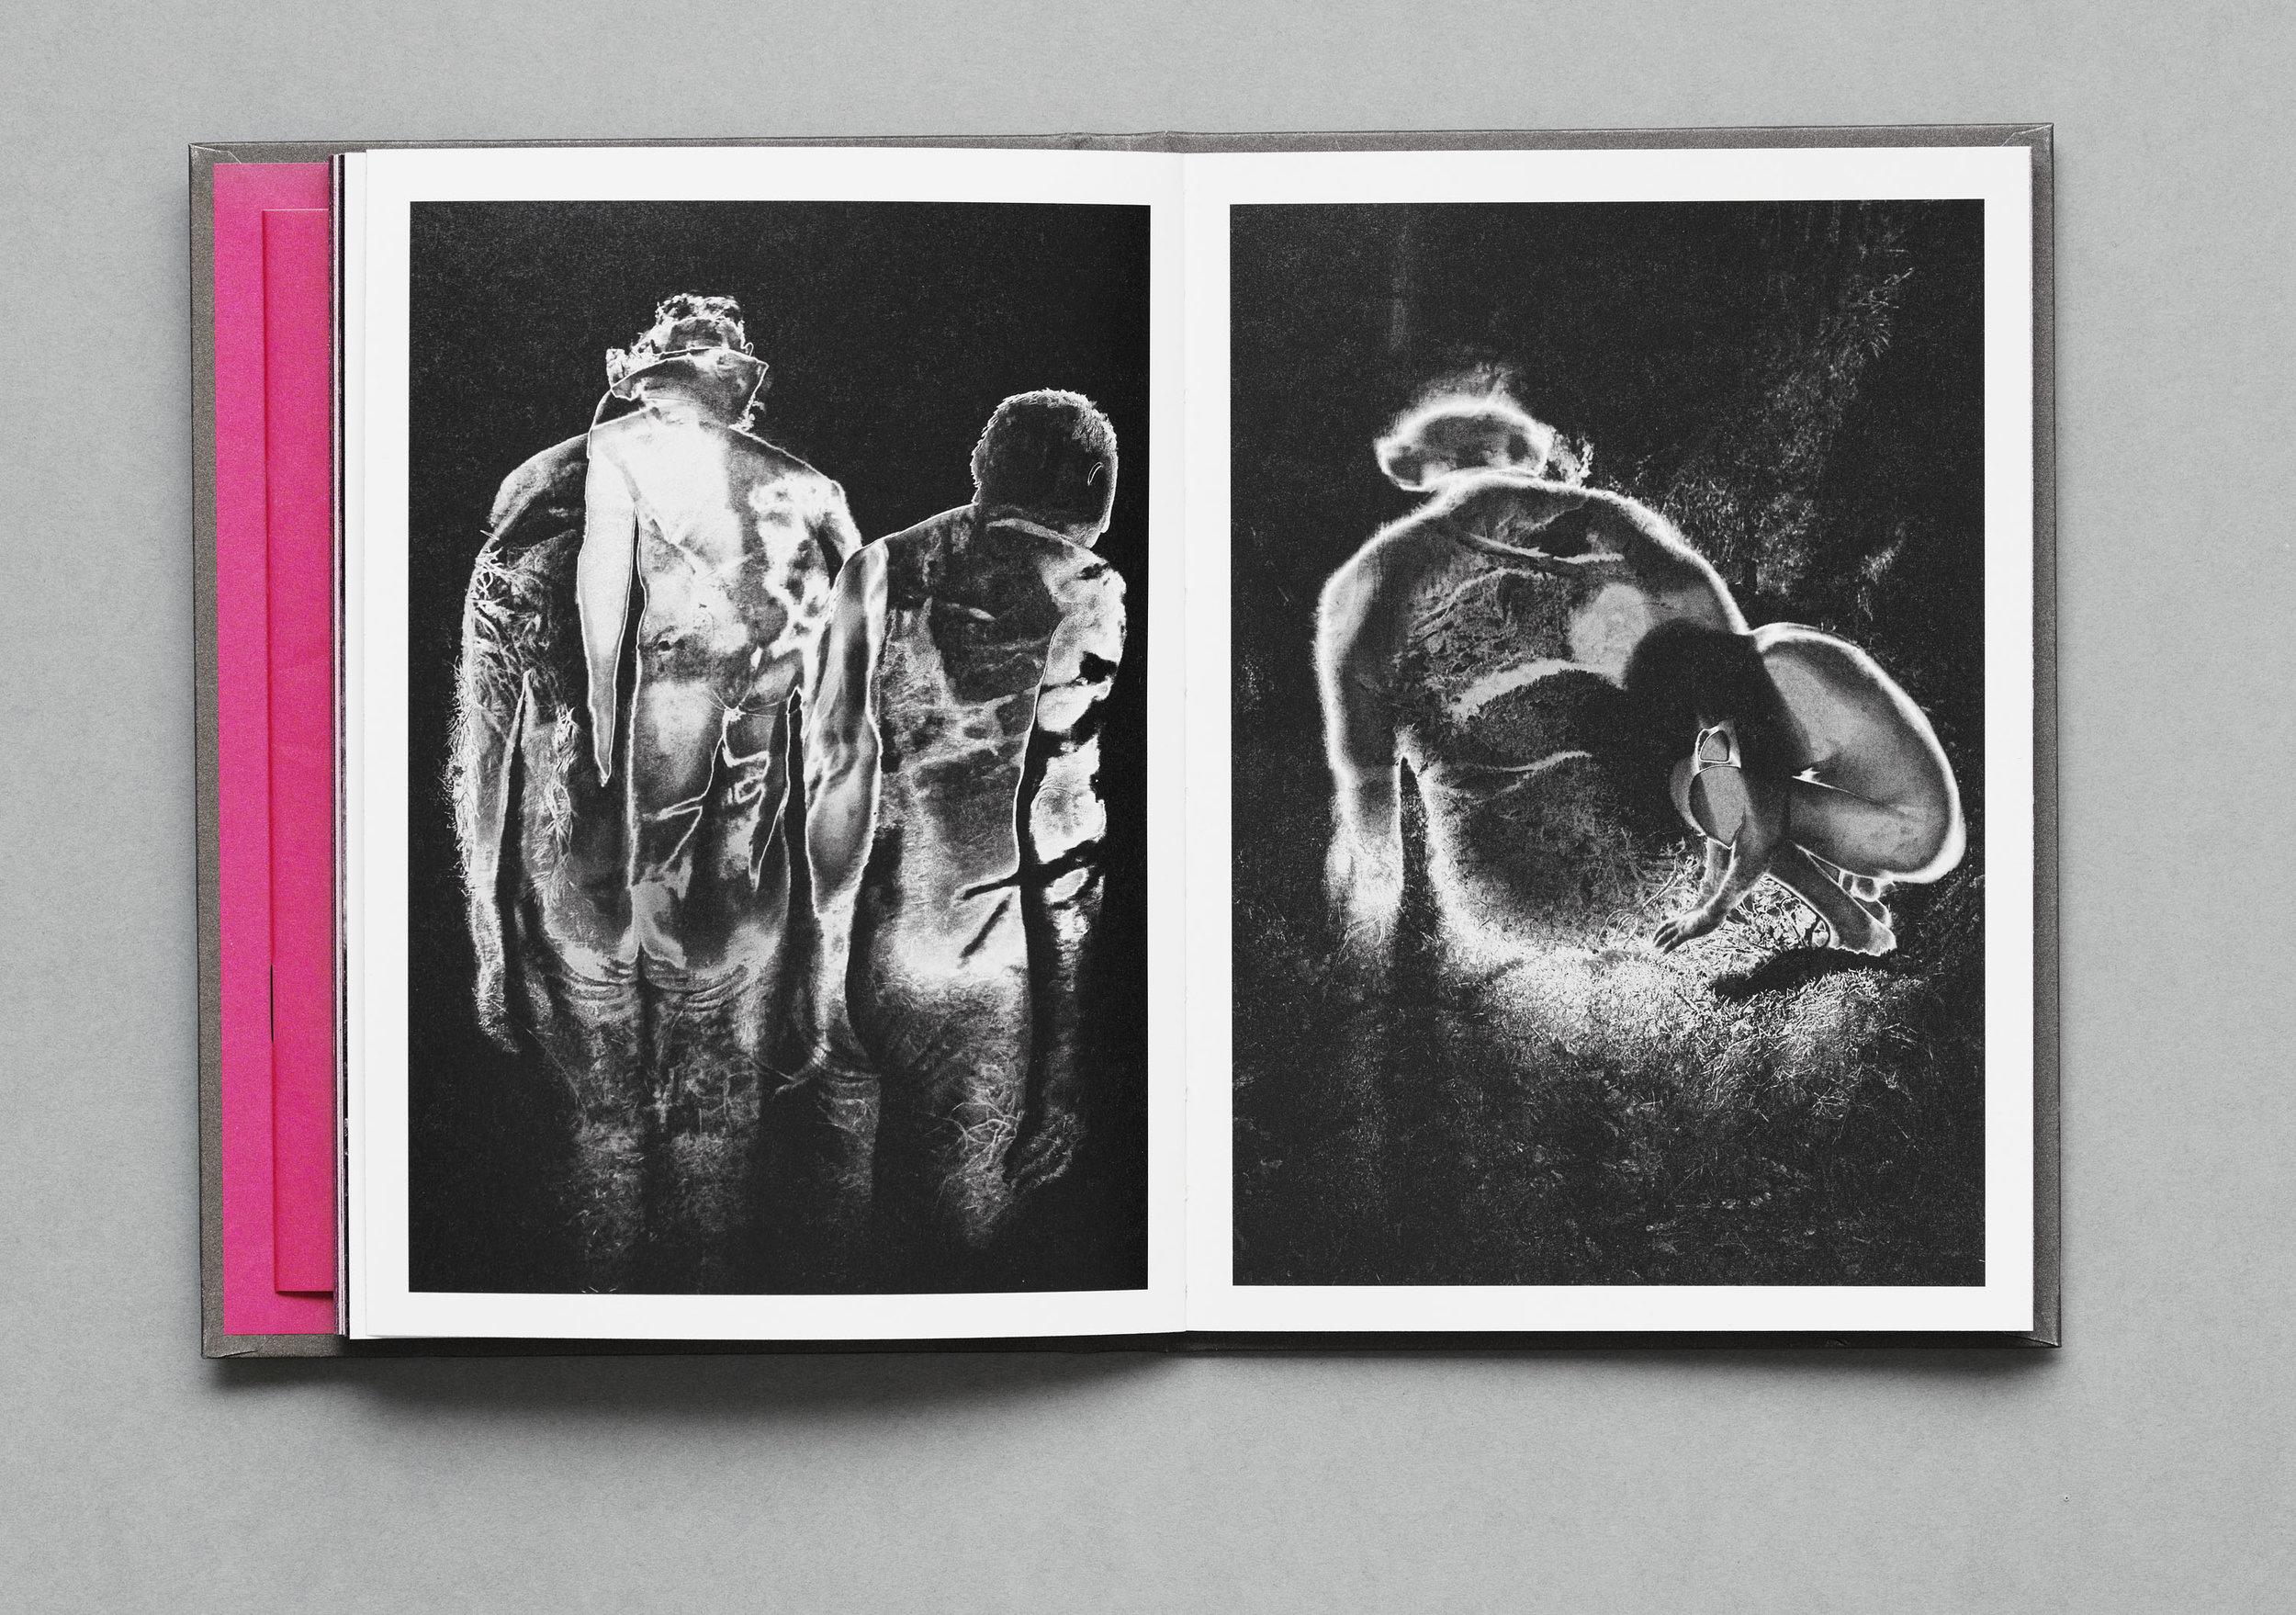 © Skreid Publishing, Leif Sandberg